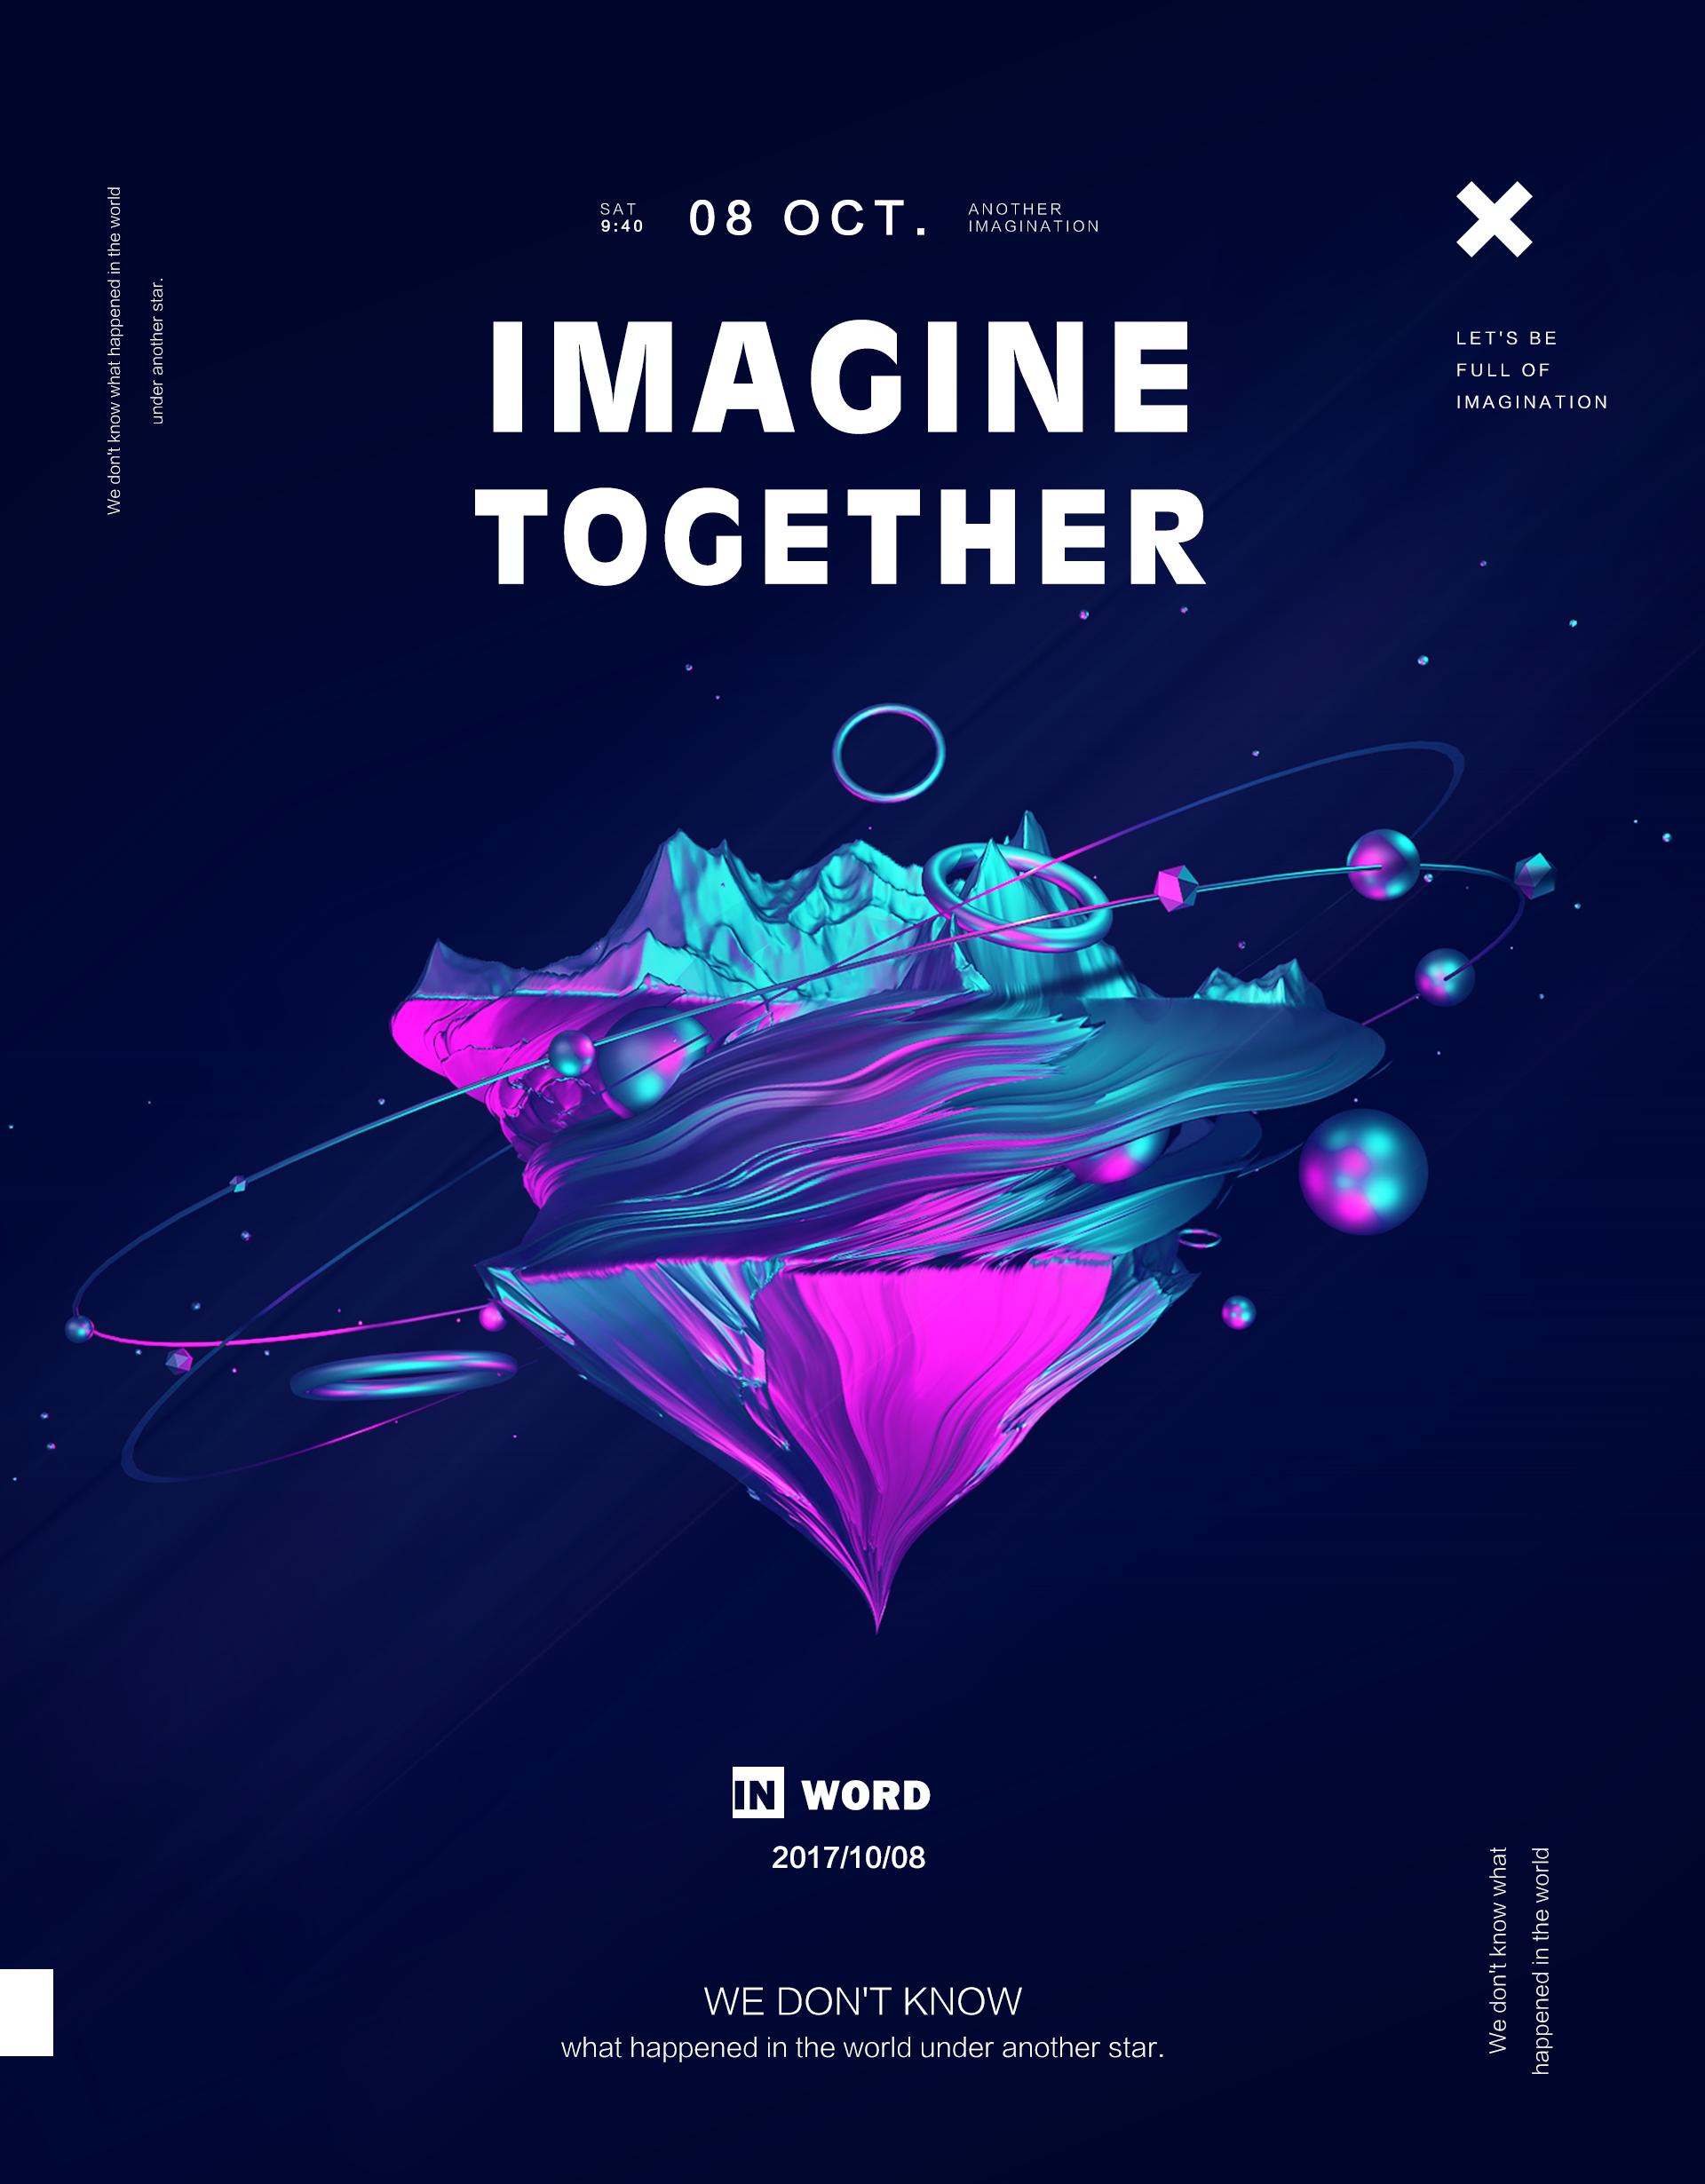 三维创意图形设计-星辰山系图片